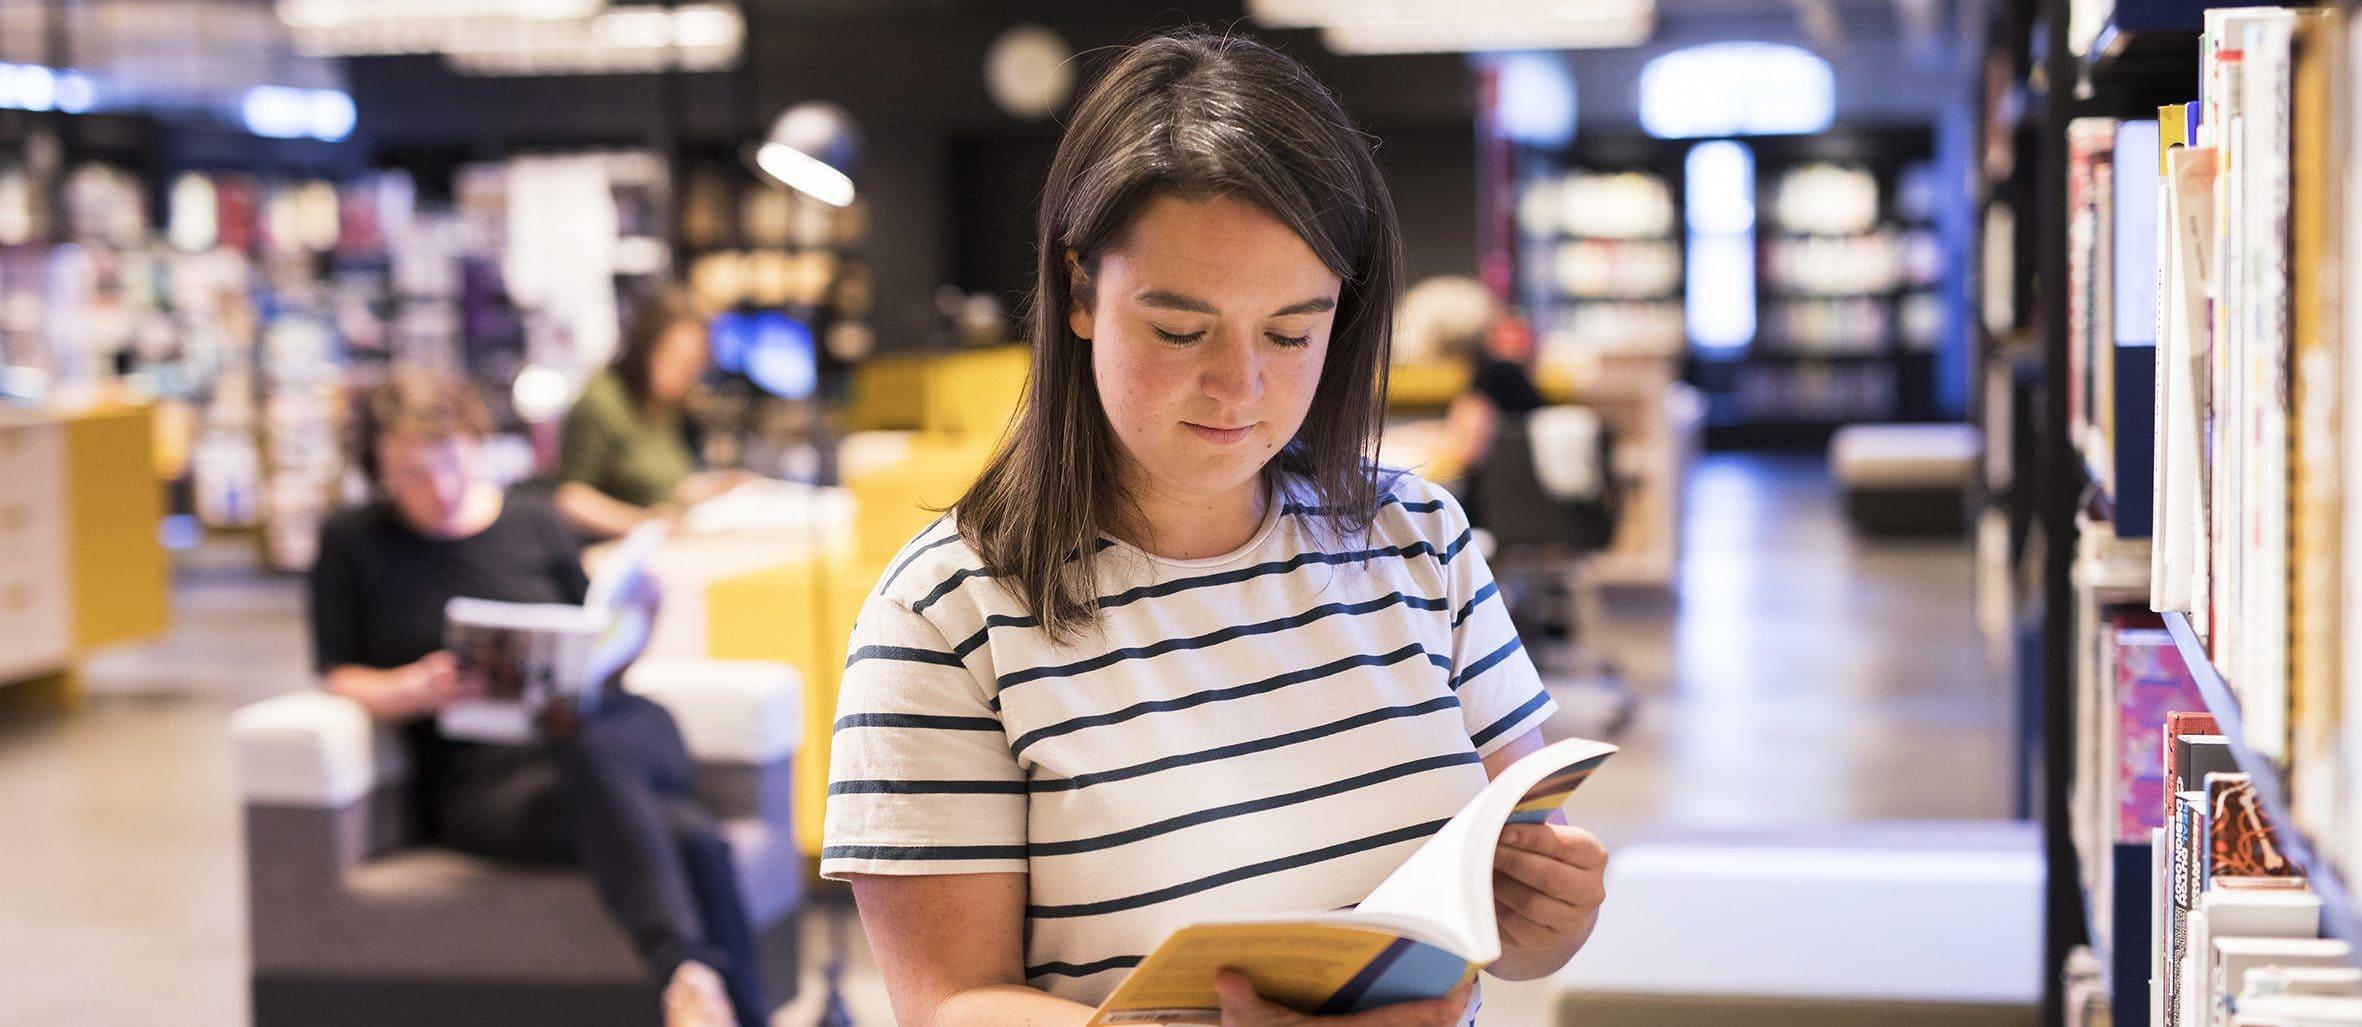 Bezoeker in de bibliotheek